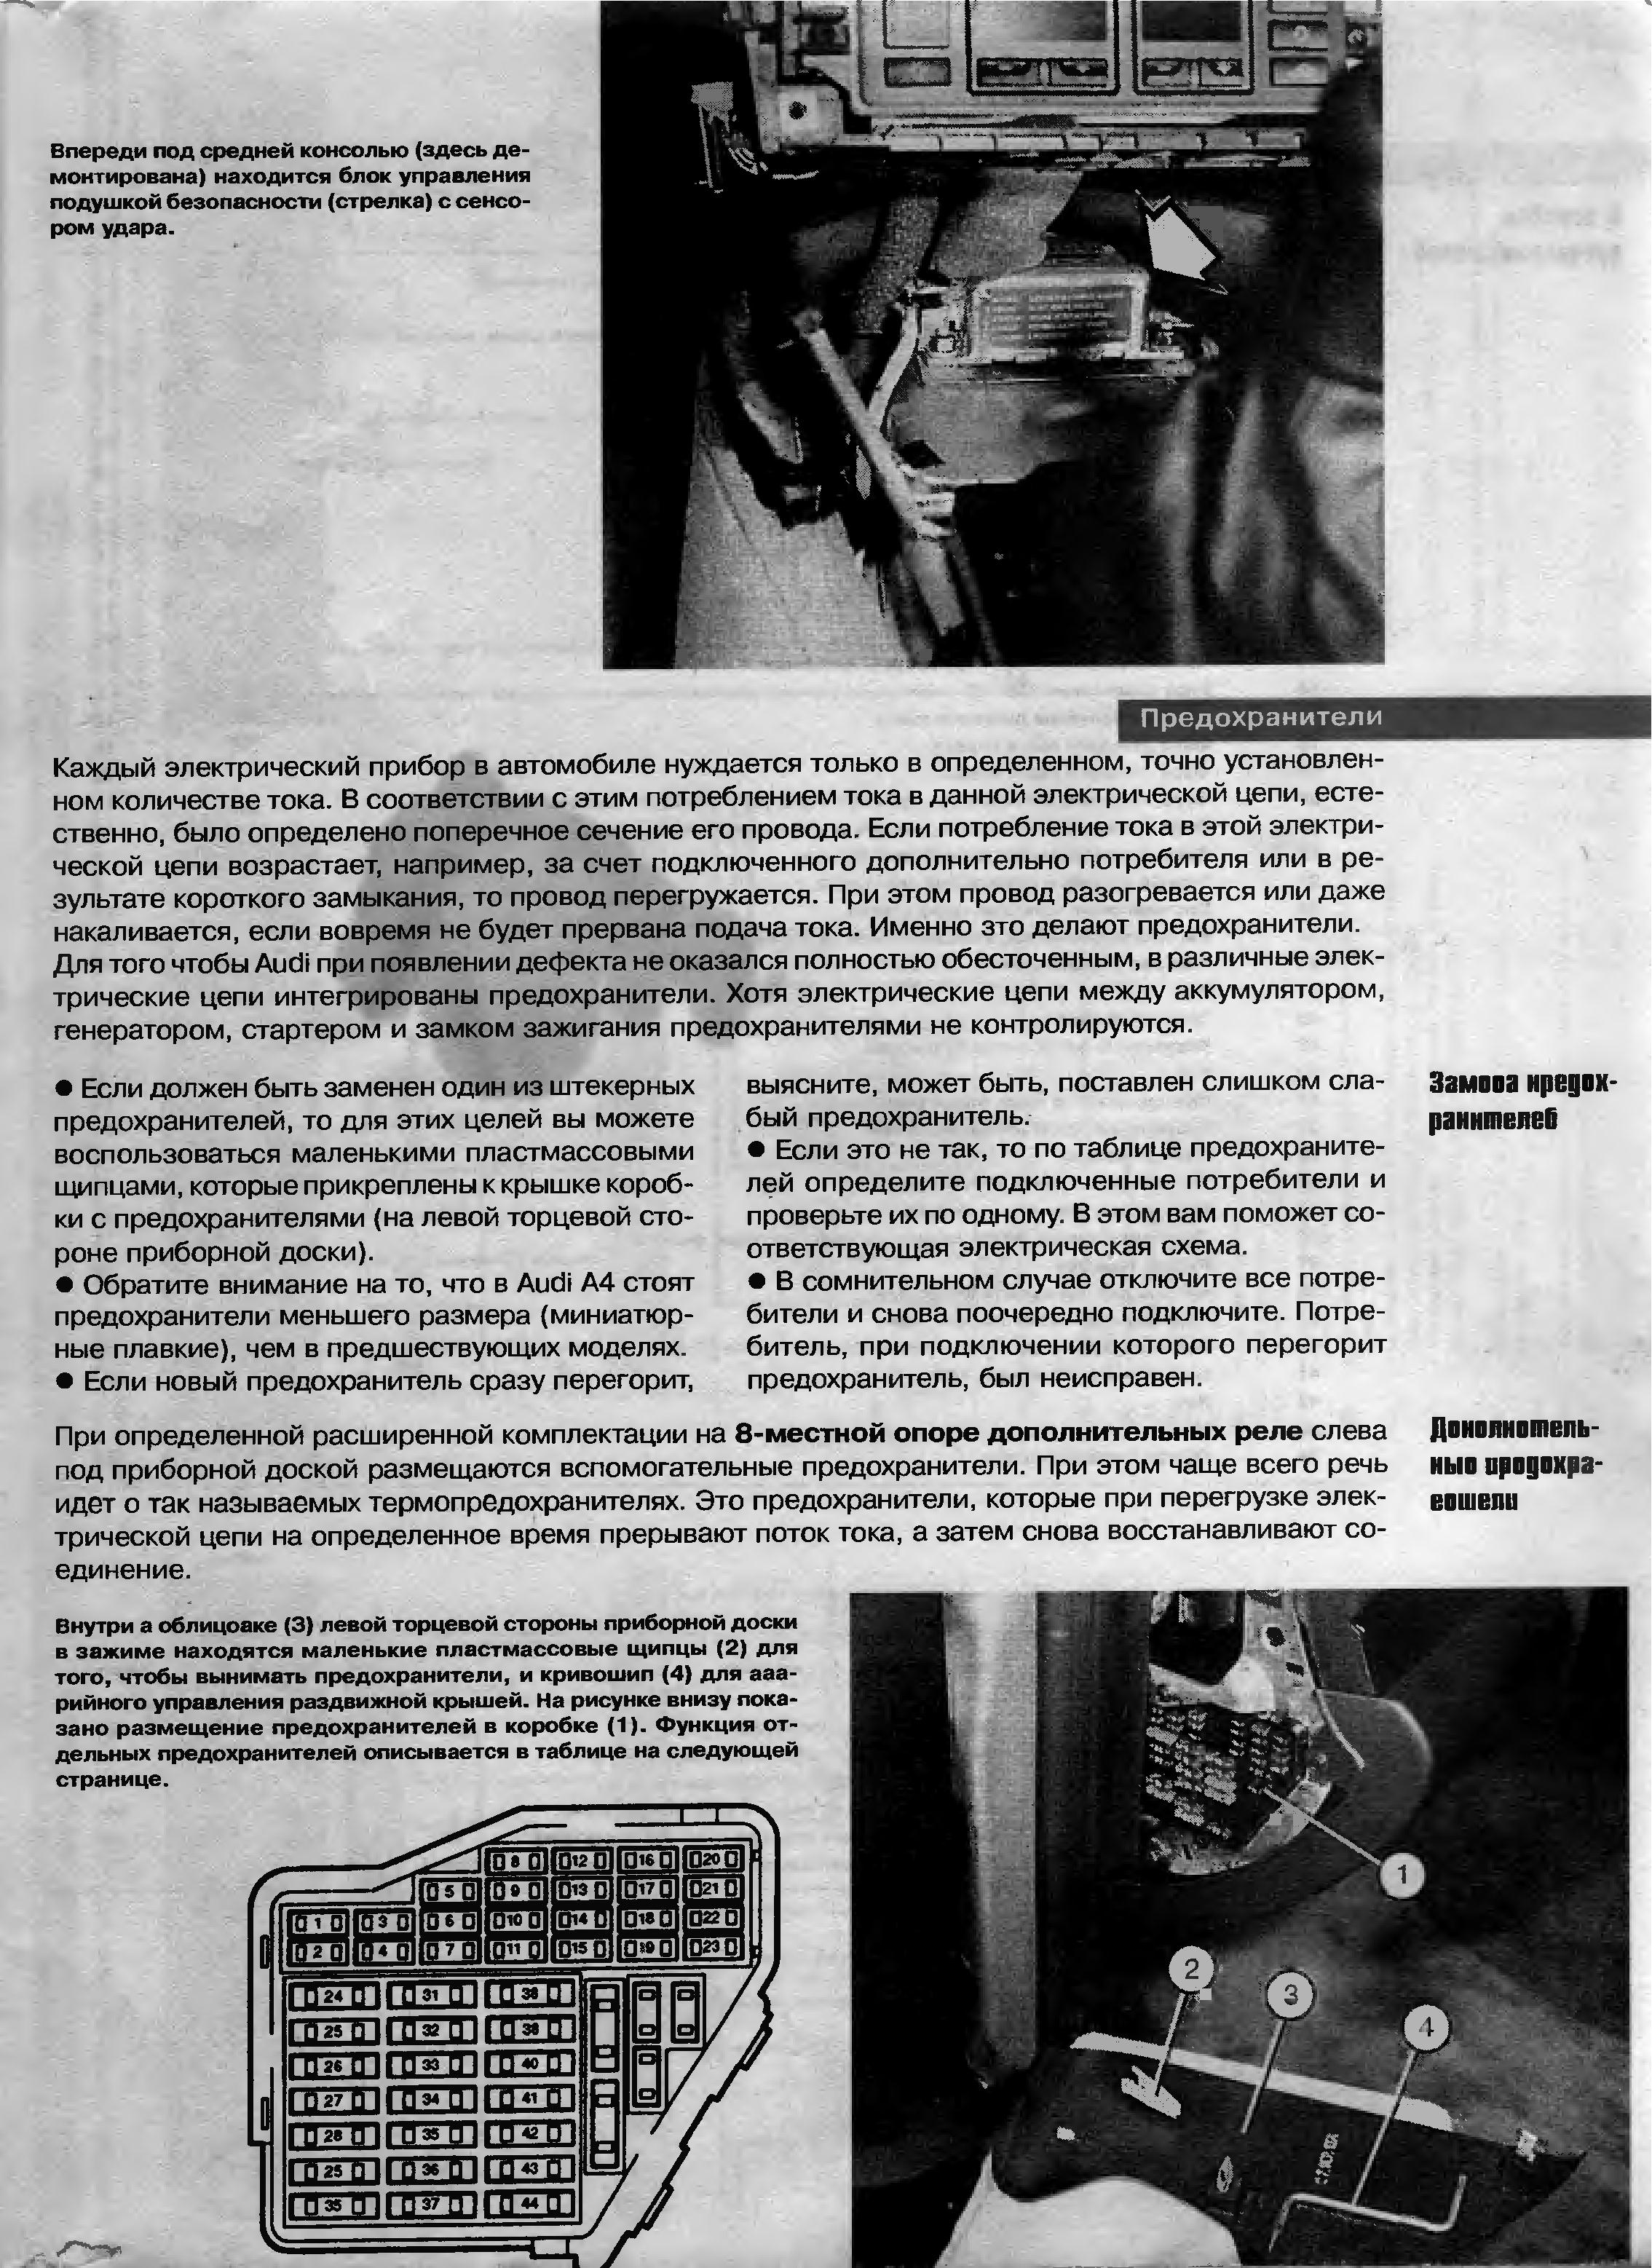 Схемы электрооборудования audi a4.